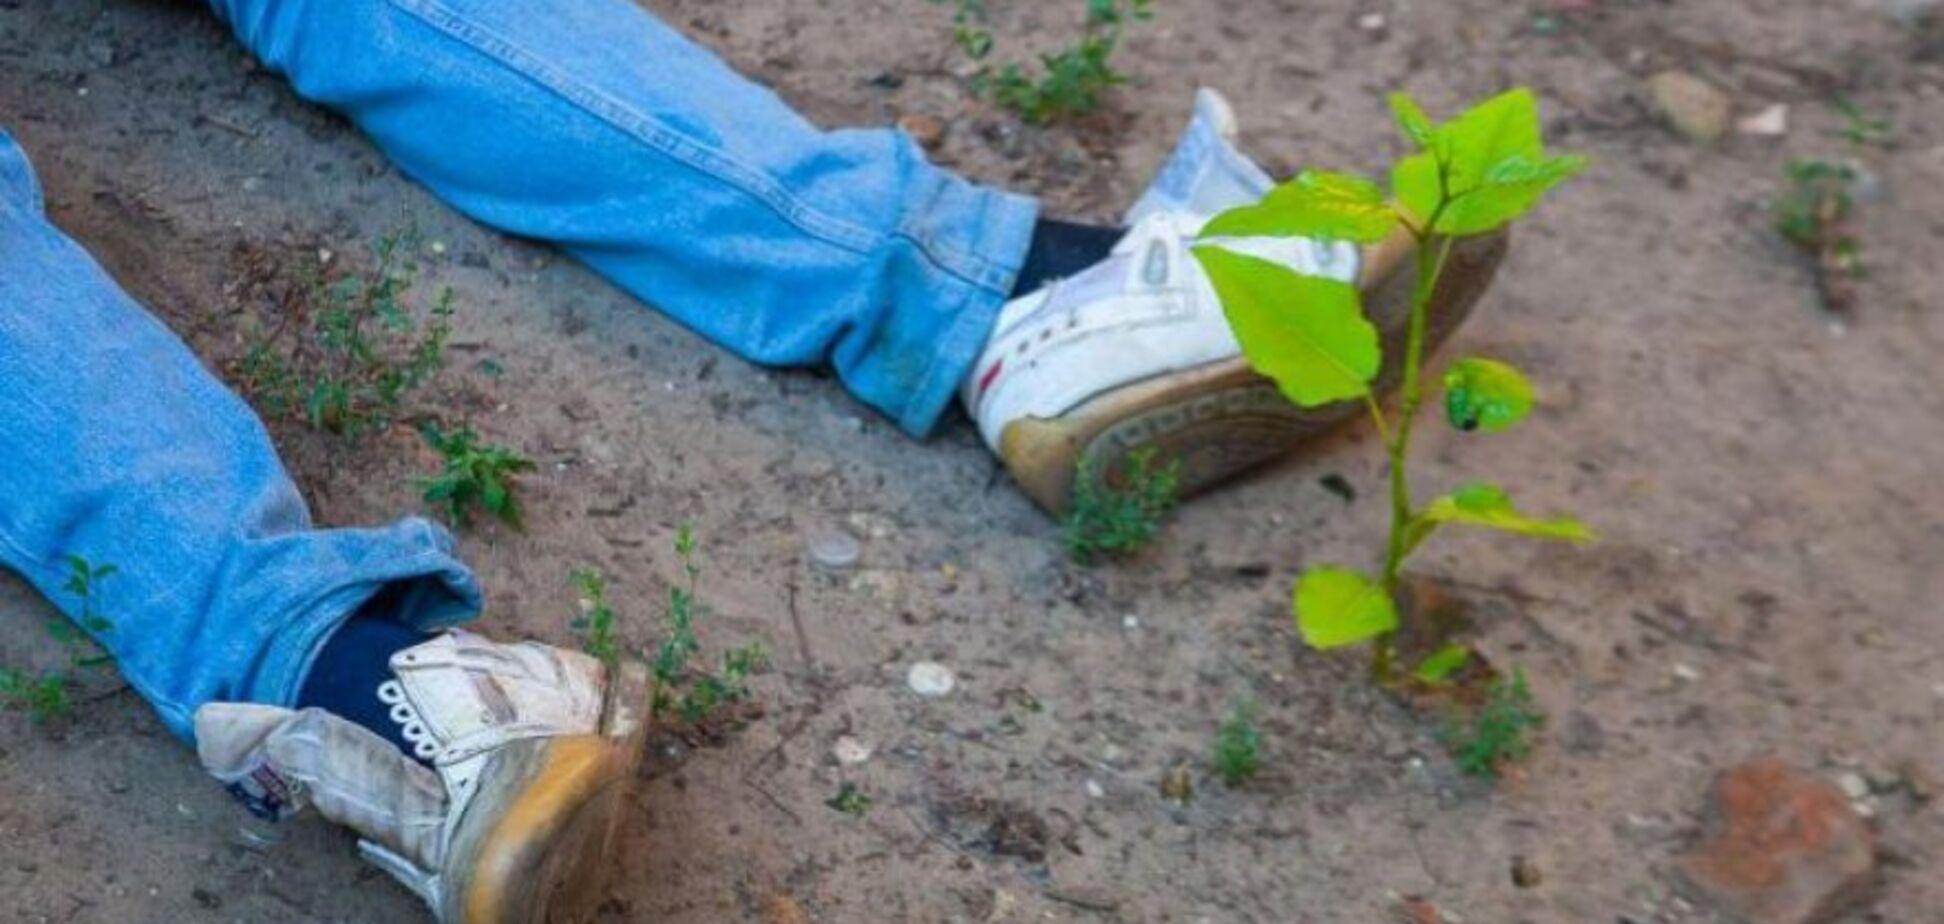 Лежав увесь в крові: в Кривому Розі по-звірячому вбили охоронця. Фото 18+